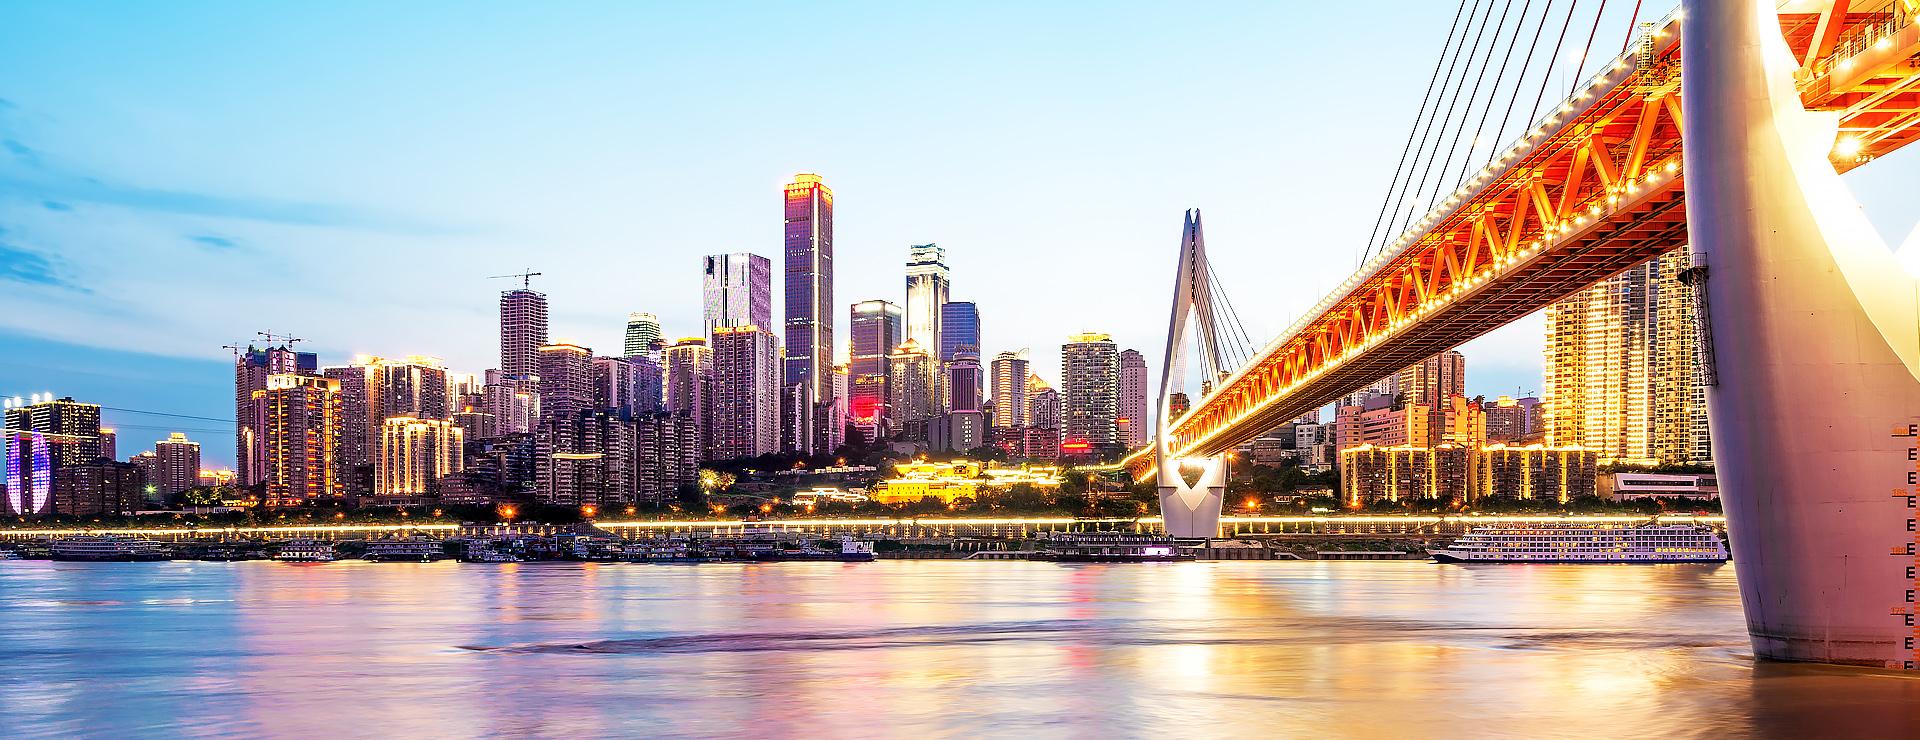 Kina – Chongqing